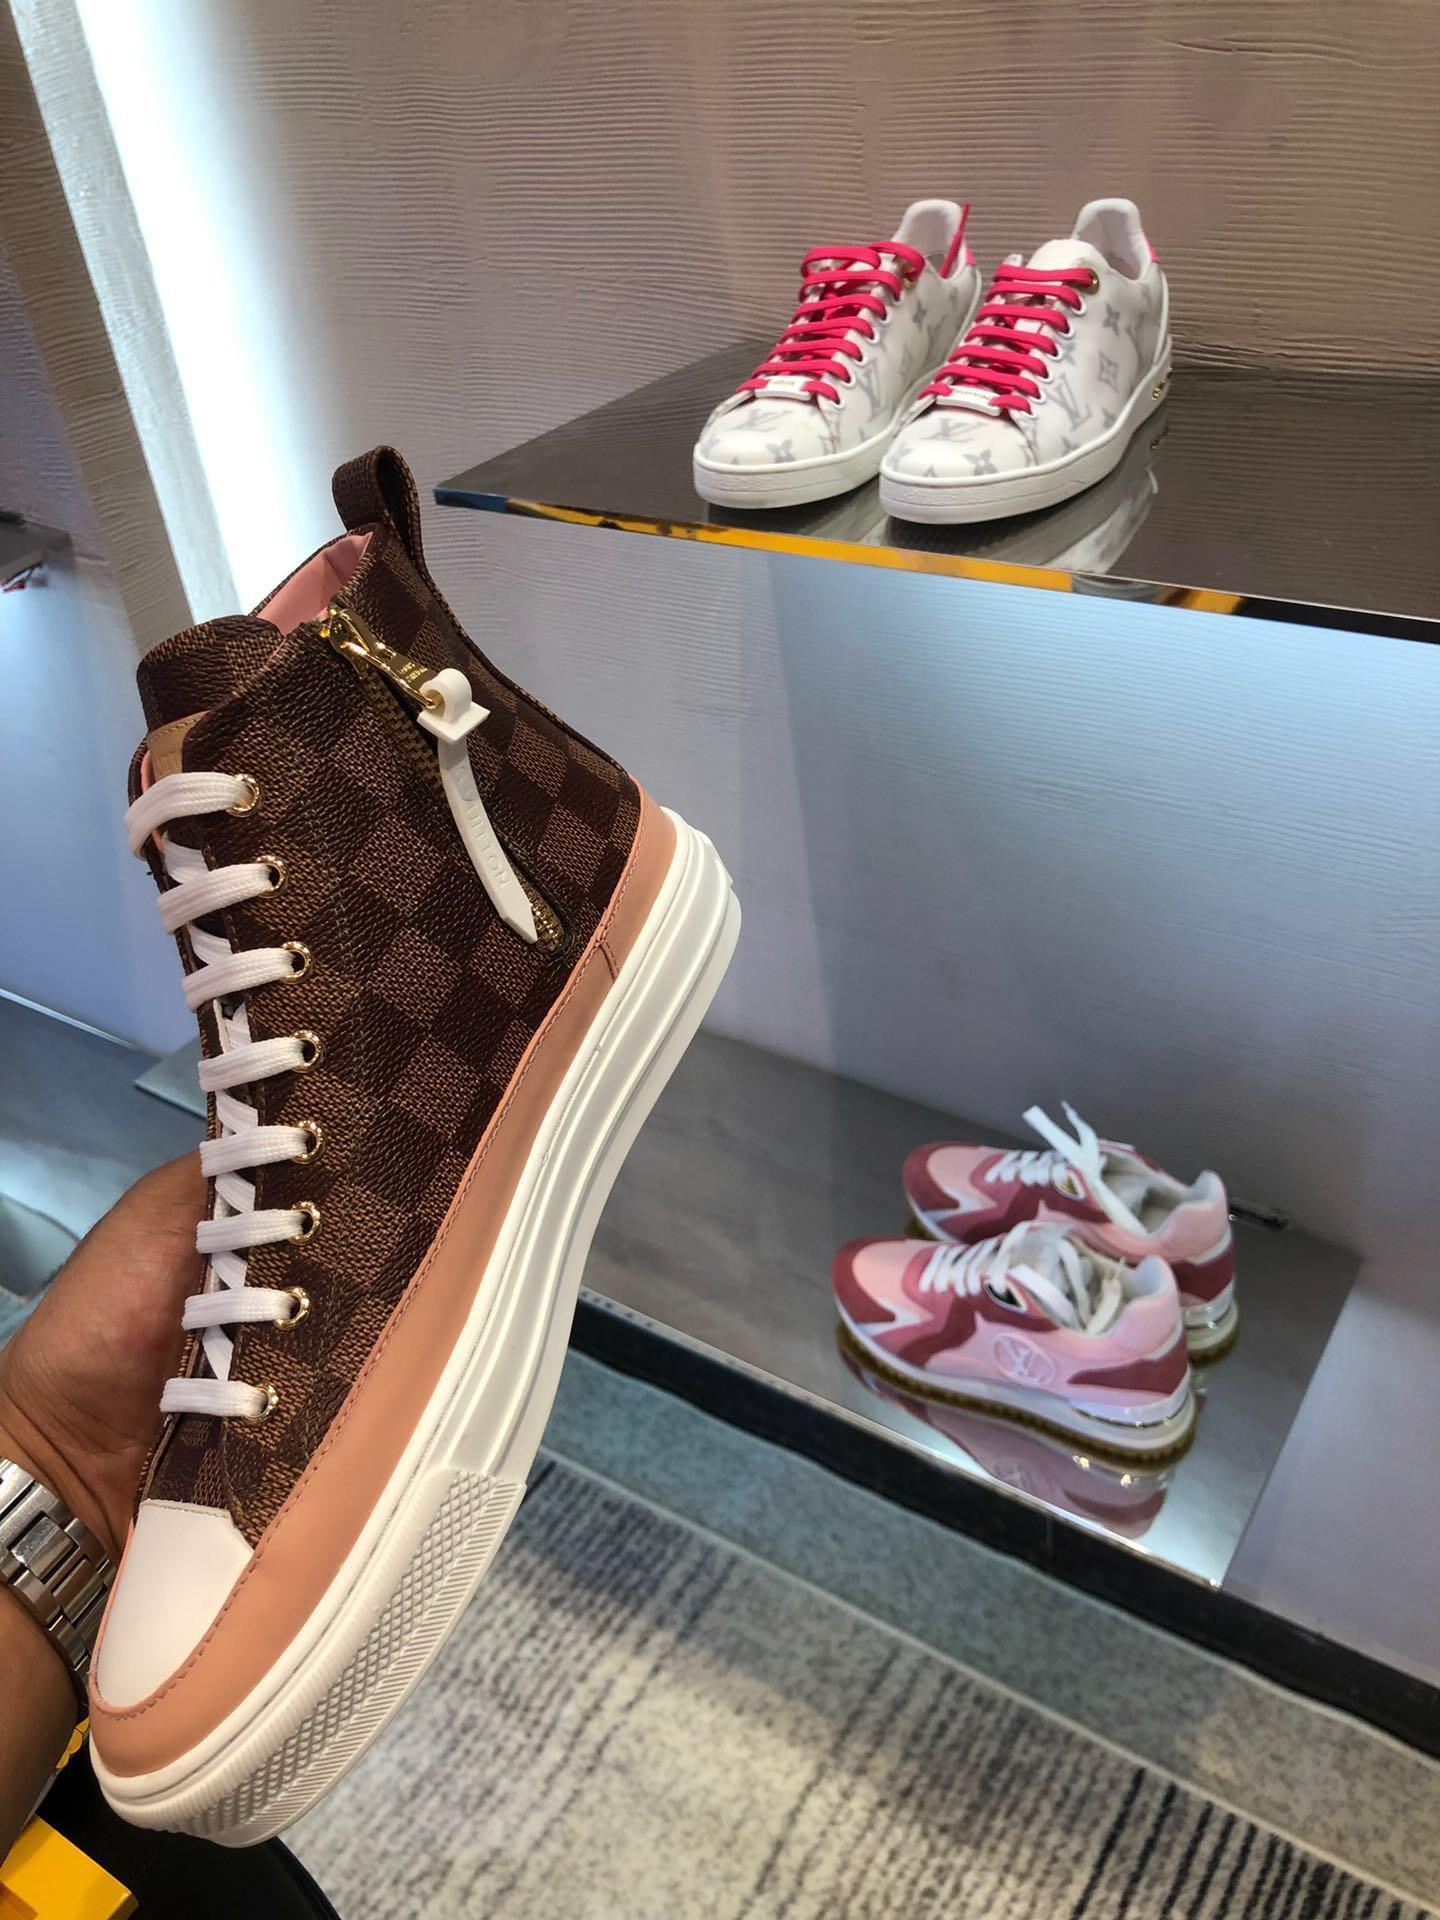 louis vuitton LV 2020 Incontri artefatto per le donne designer scarpe di lusso Casual Shoes Discoteca scarpe da ginnastica di materiale avanzato con scatola